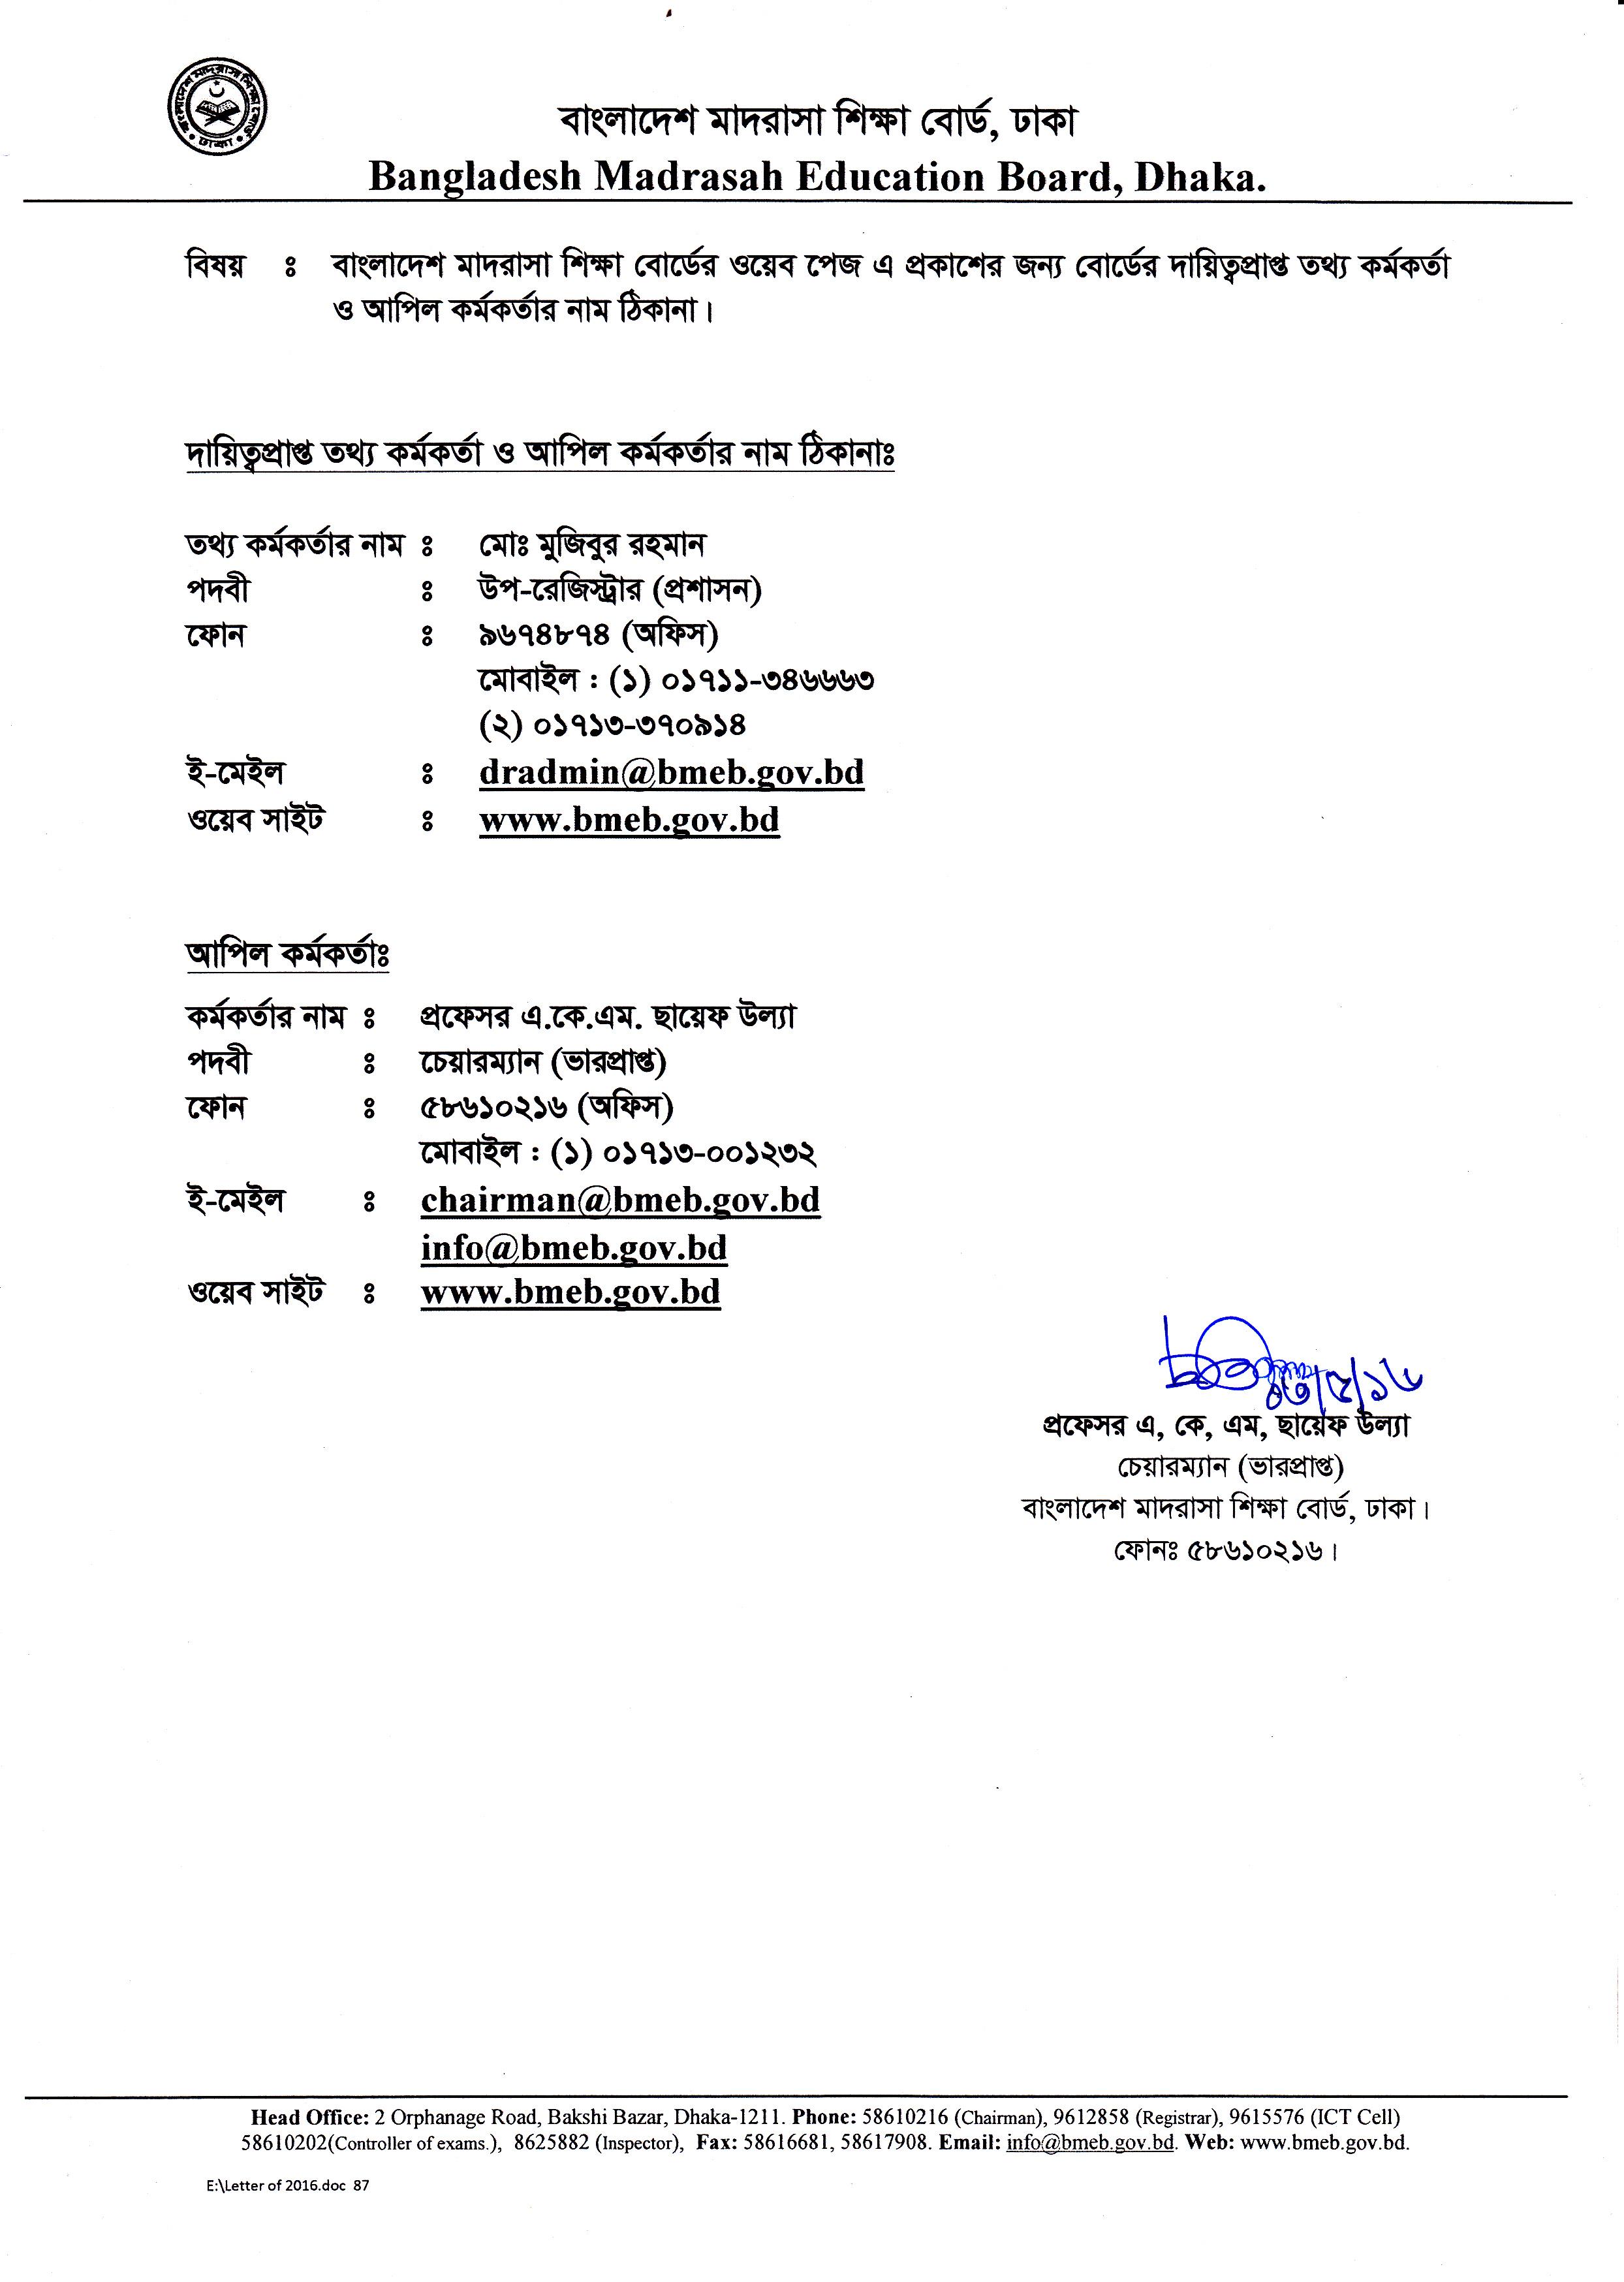 Bangladesh Madrasah Education Board